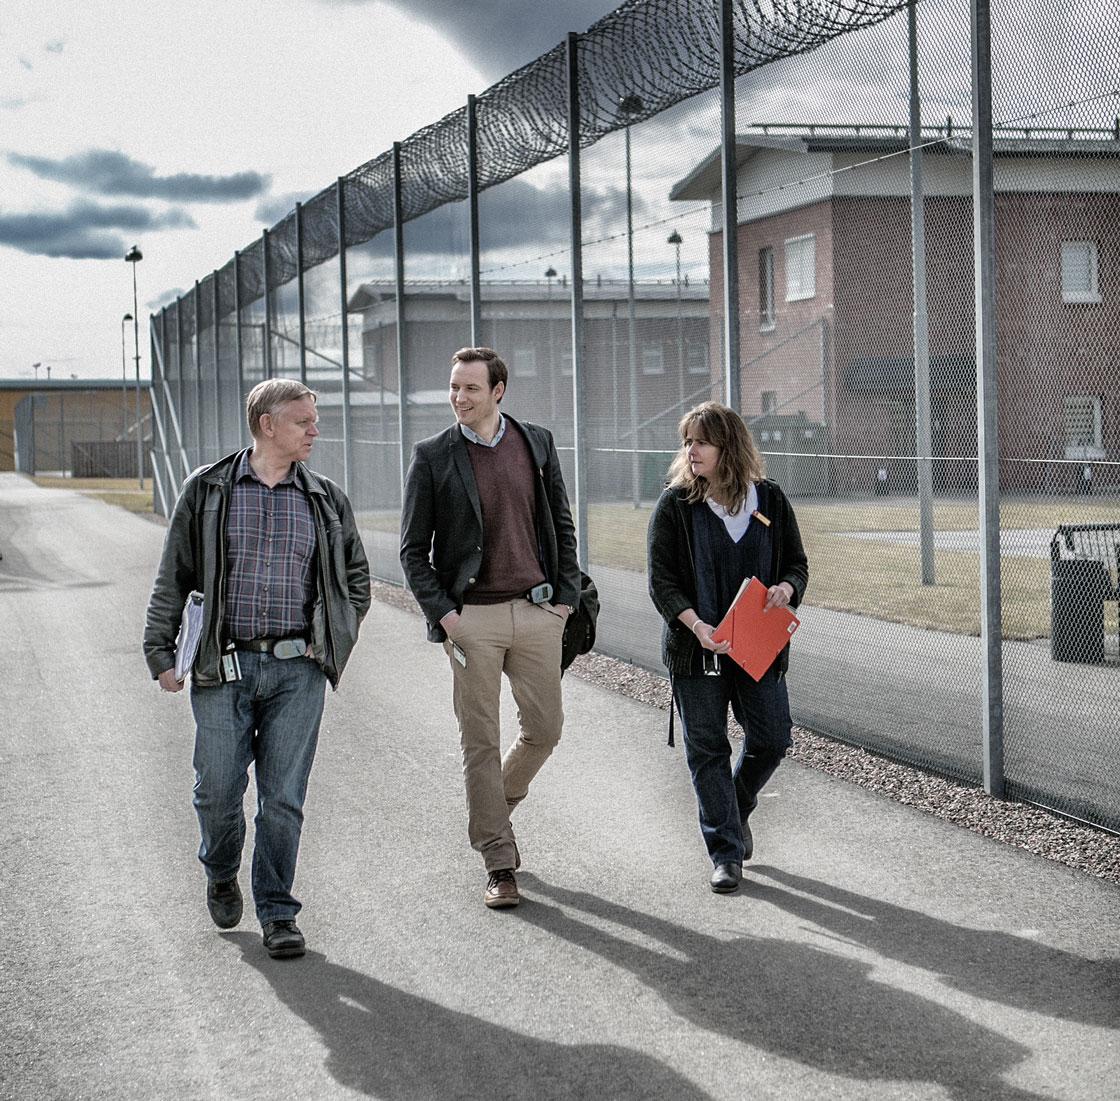 Lärare innanför murarna: Björn Jonsson, Christian Johansson och Annica Bolin. Foto: Magnus Fond